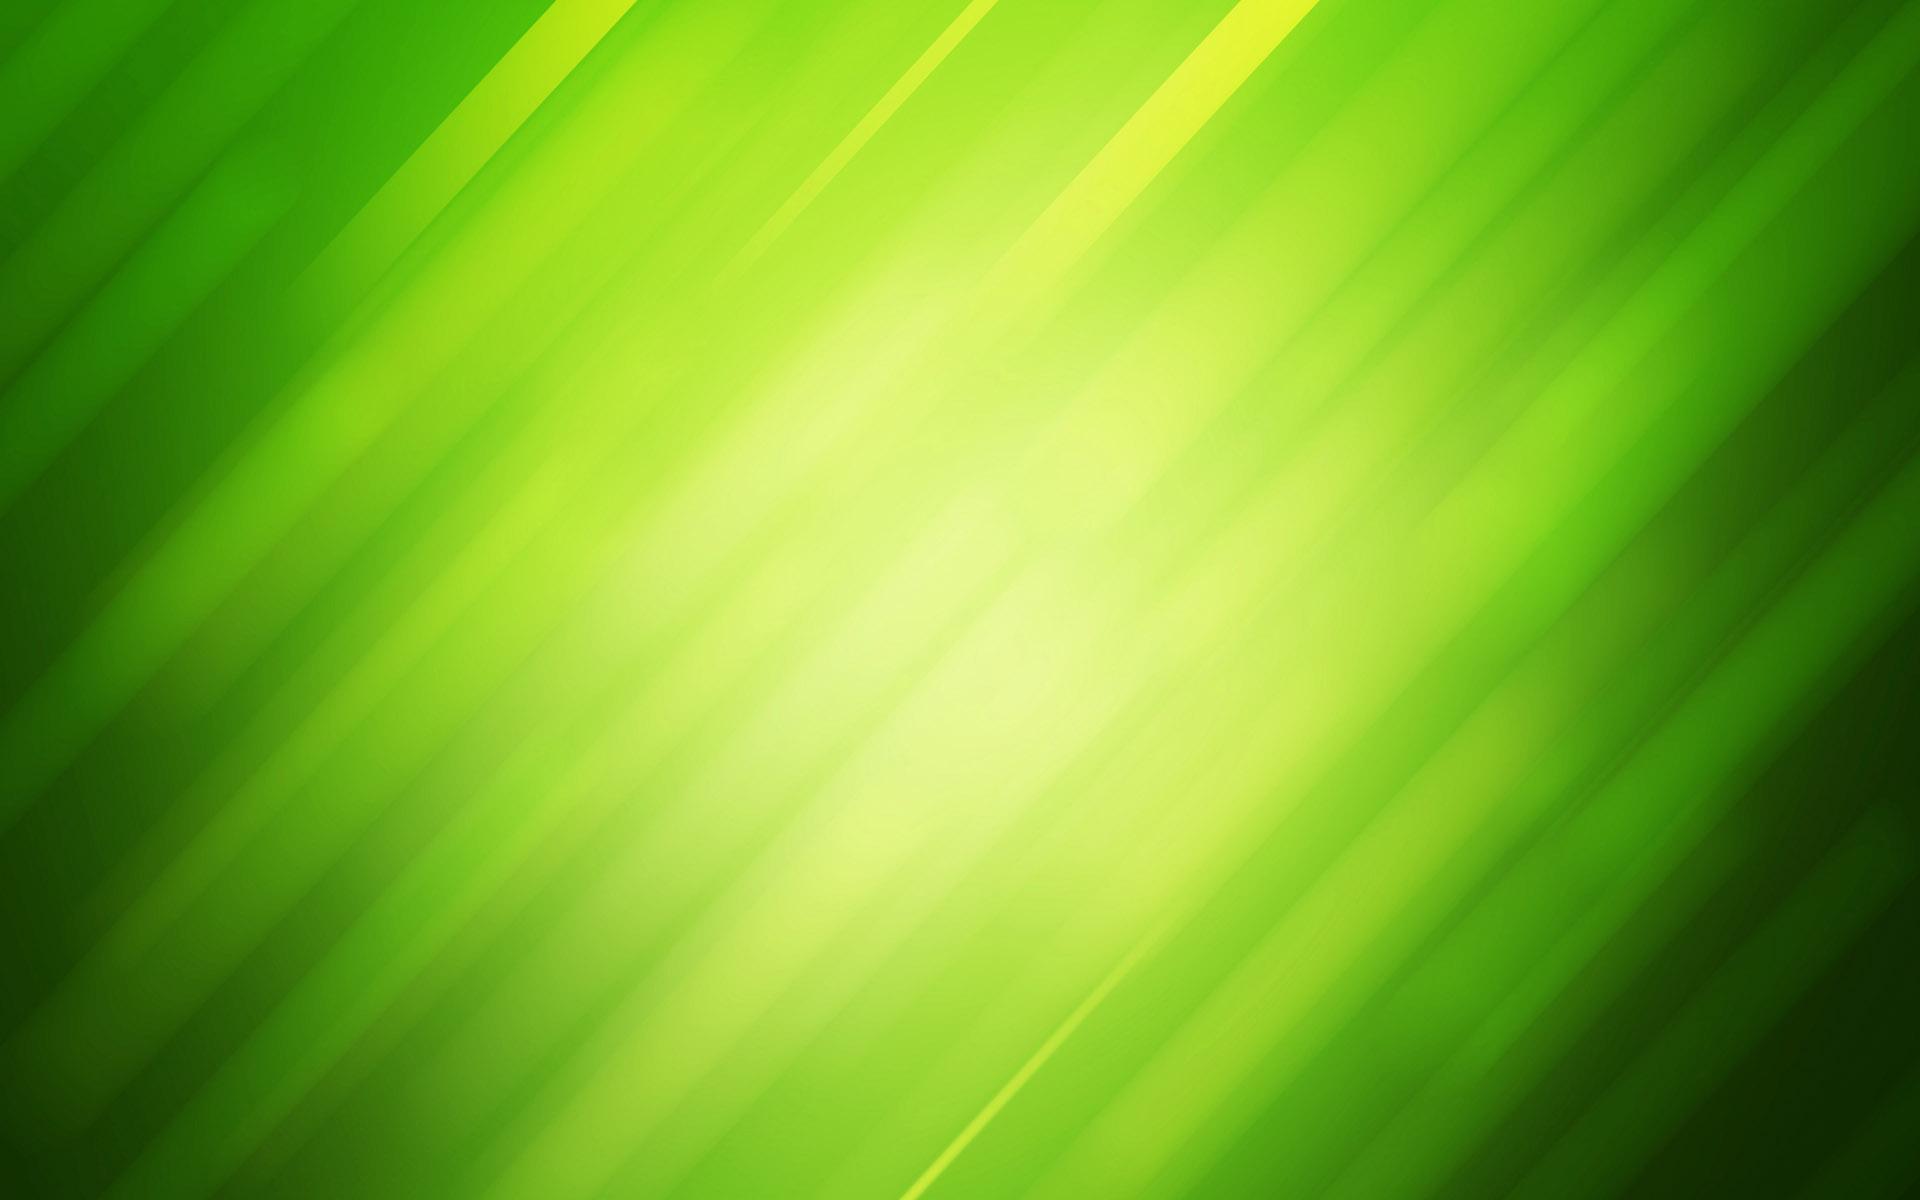 Free Download Bright Dark Green Background Background Dar